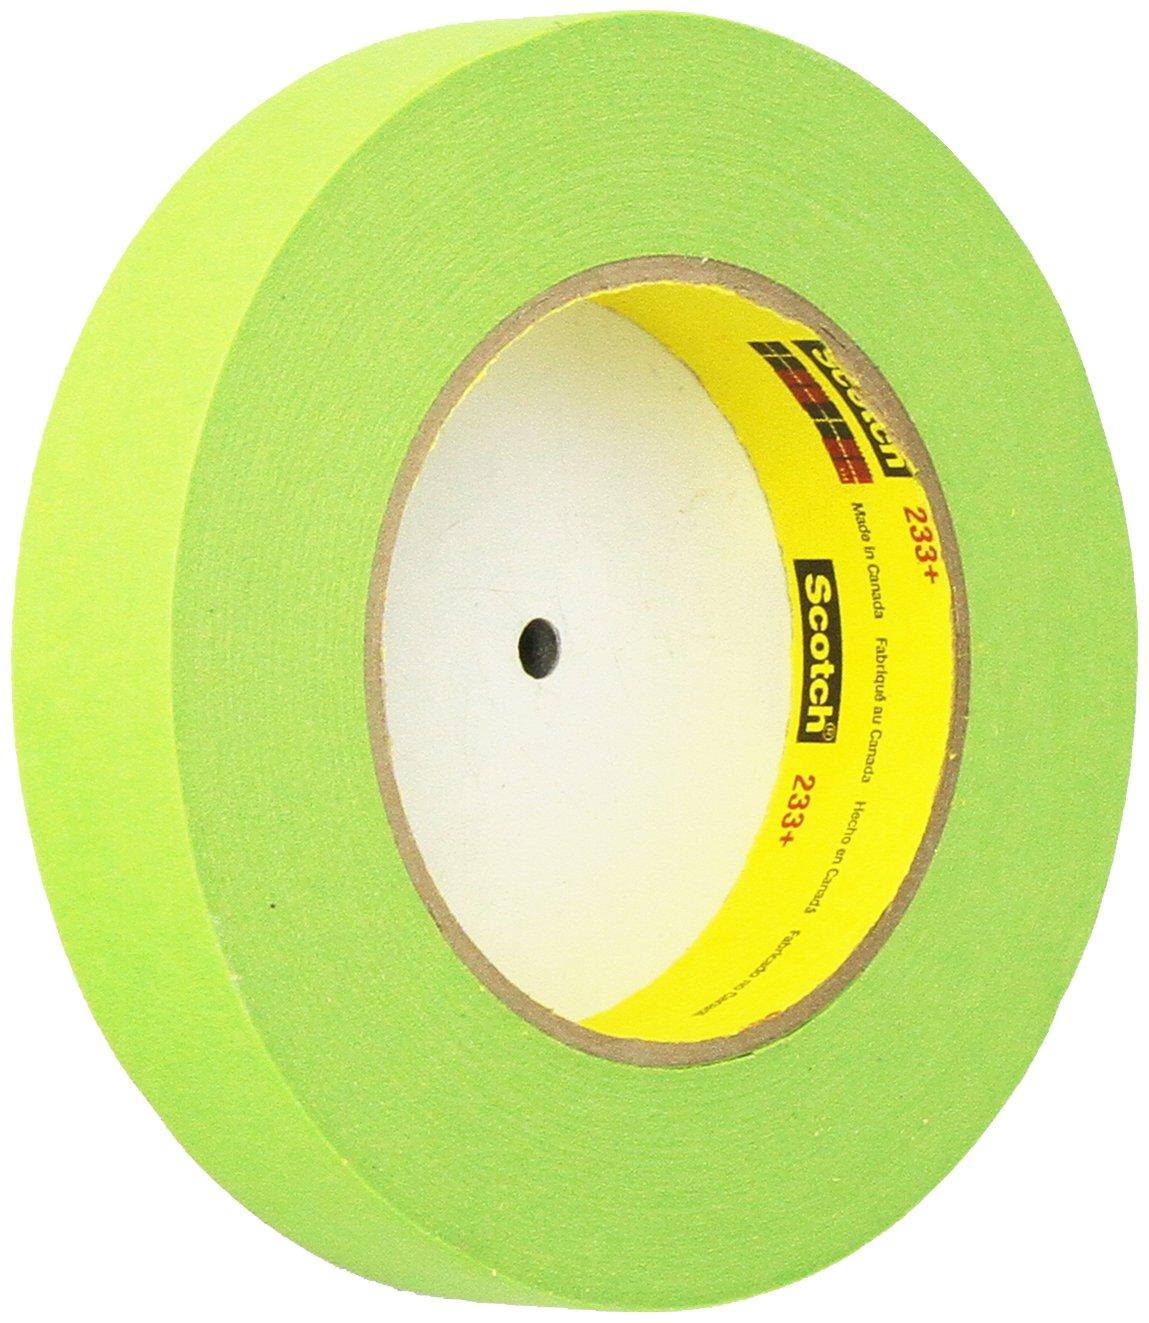 Scotch 3M 08987 Performance Masking Tape